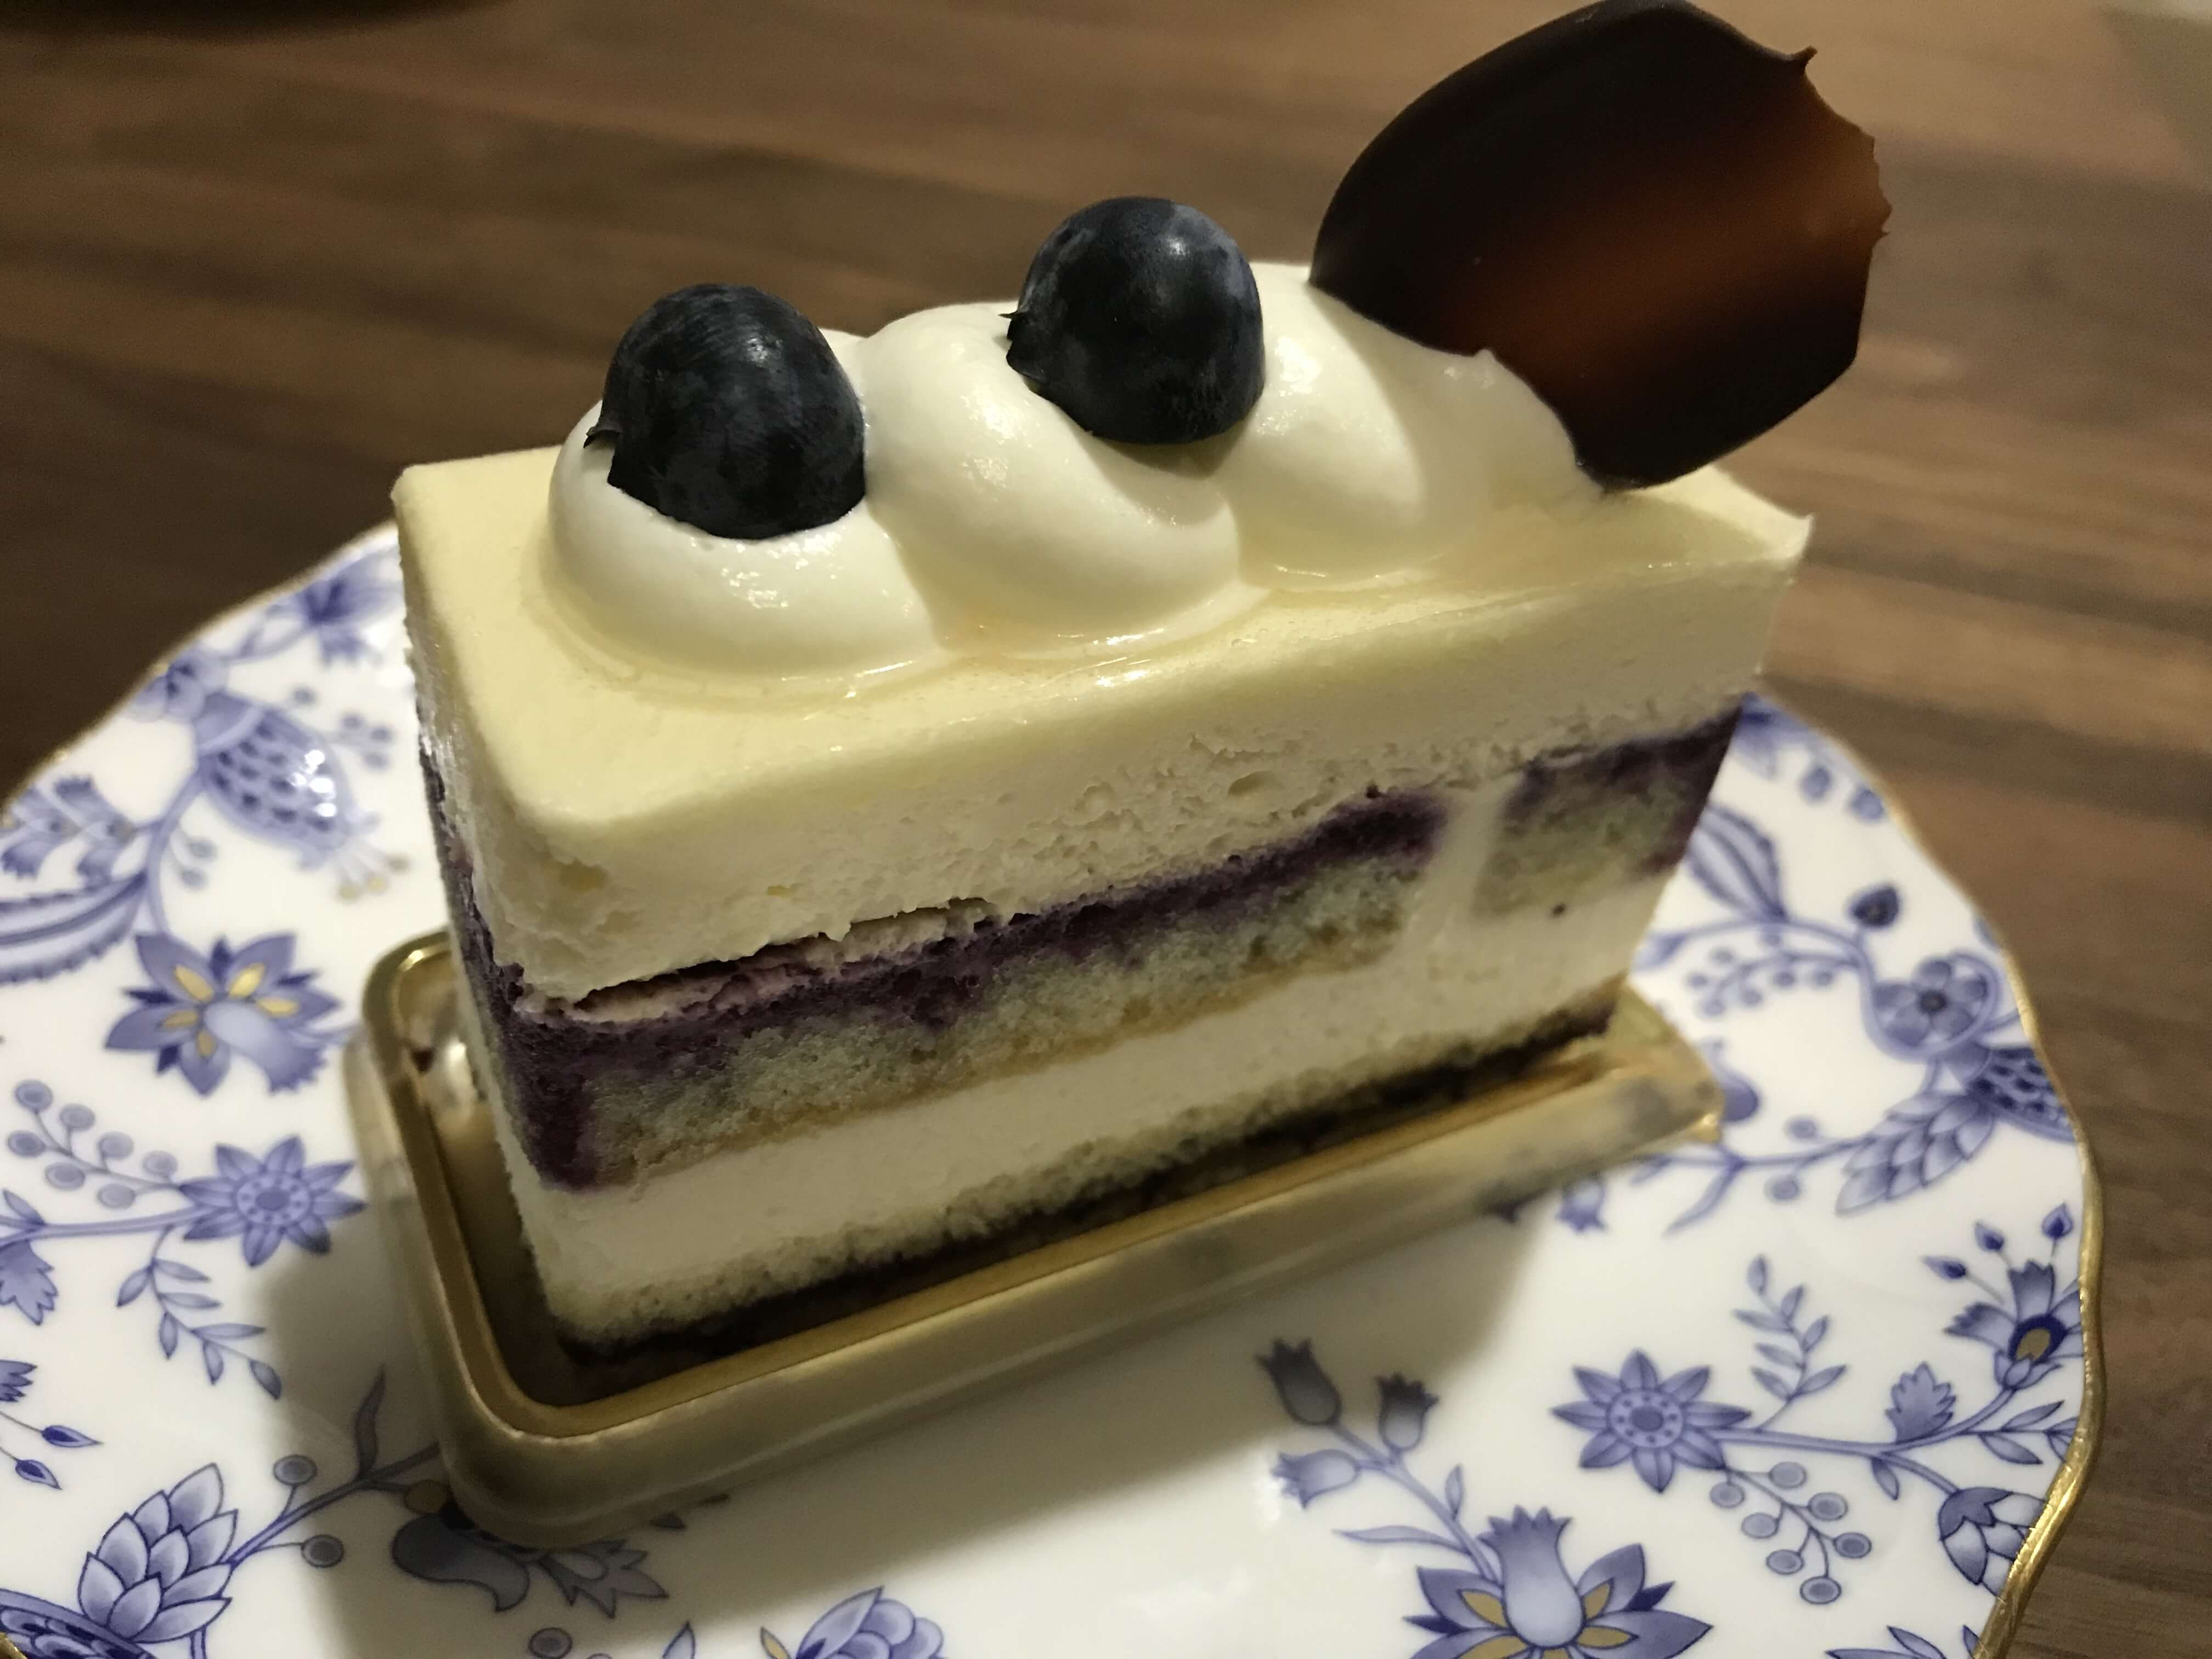 『アトリエ ルリタテハ』洗練されたケーキが魅力!かわいい町のケーキ屋さん。